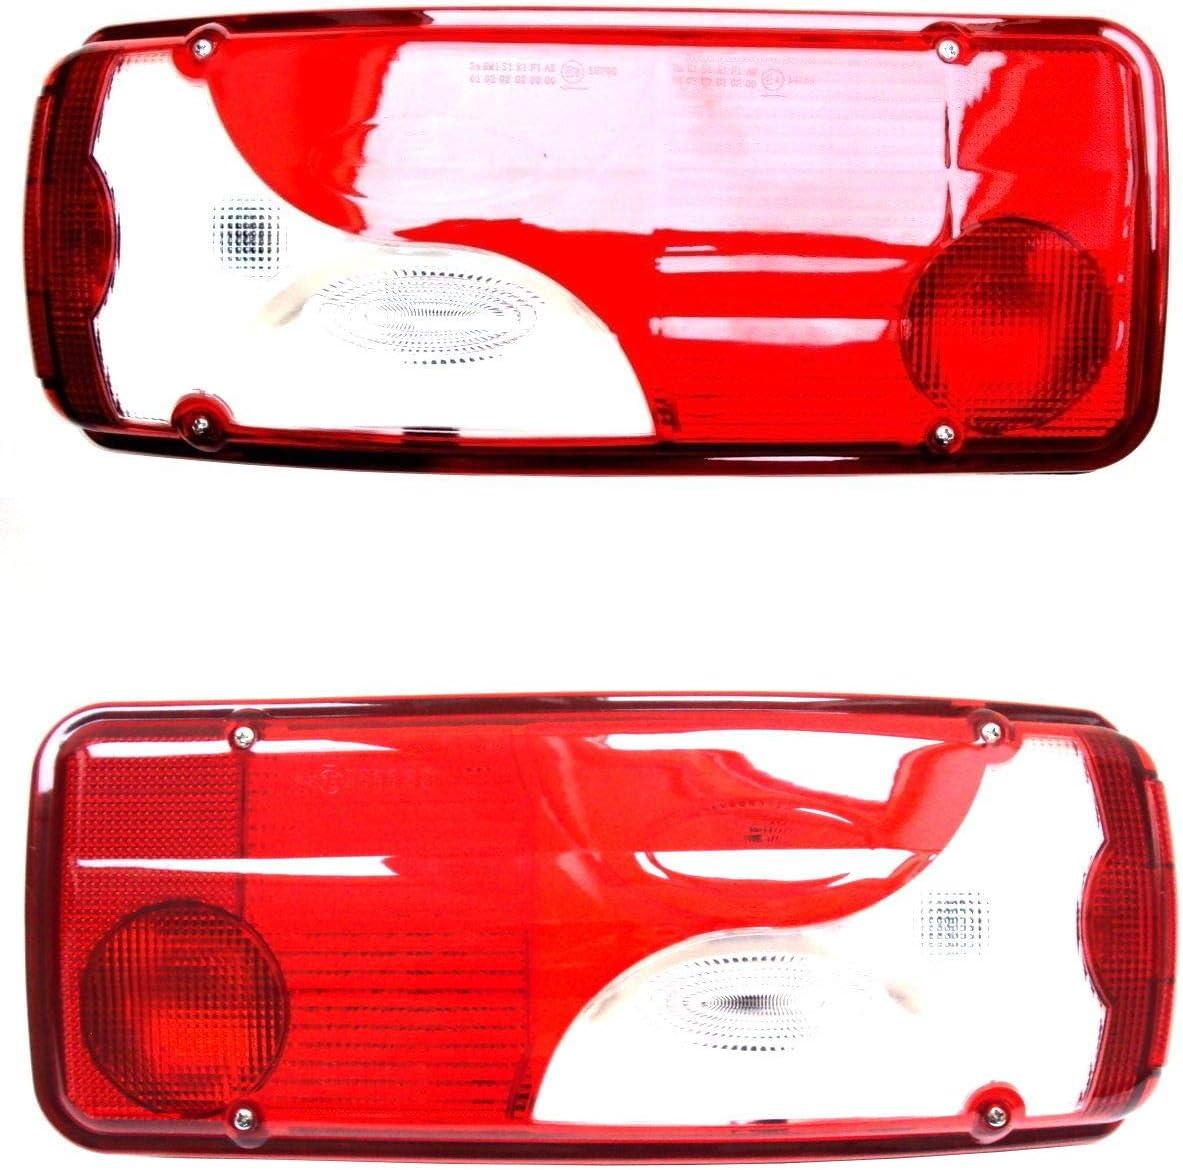 2x Multifunktionales Rückleuchte Heckleuchte Rücklicht Links Und Rechts E4 Universal Für Scania Auto